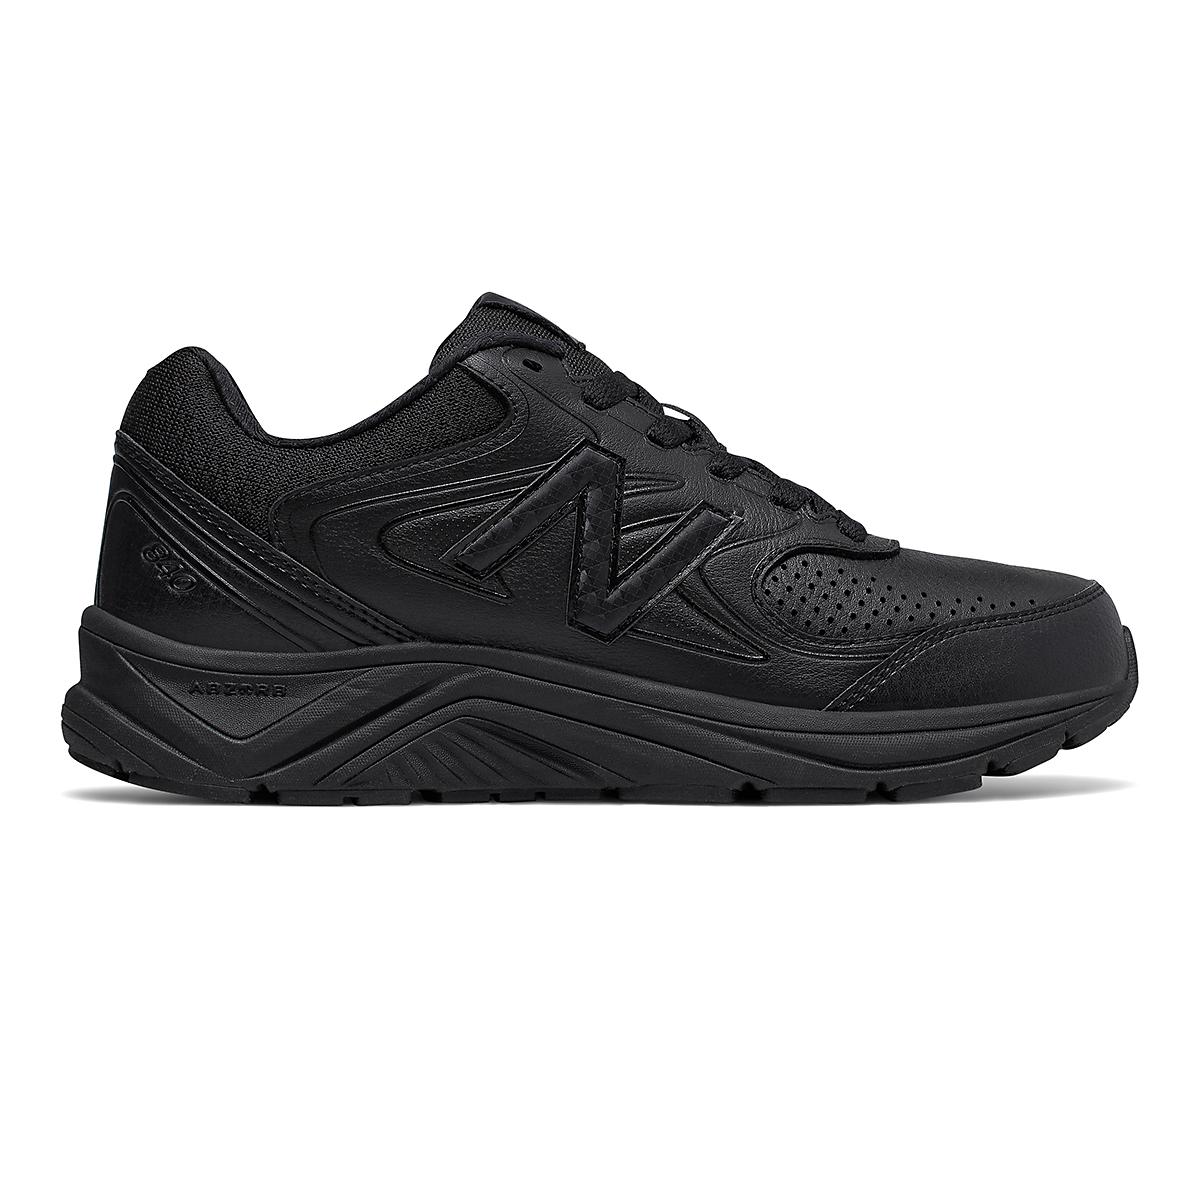 Women's New Balance 840v2 Suede Walking Shoe - Color: Black/Black - Size: 5 - Width: Extra Wide, Black/Black, large, image 1